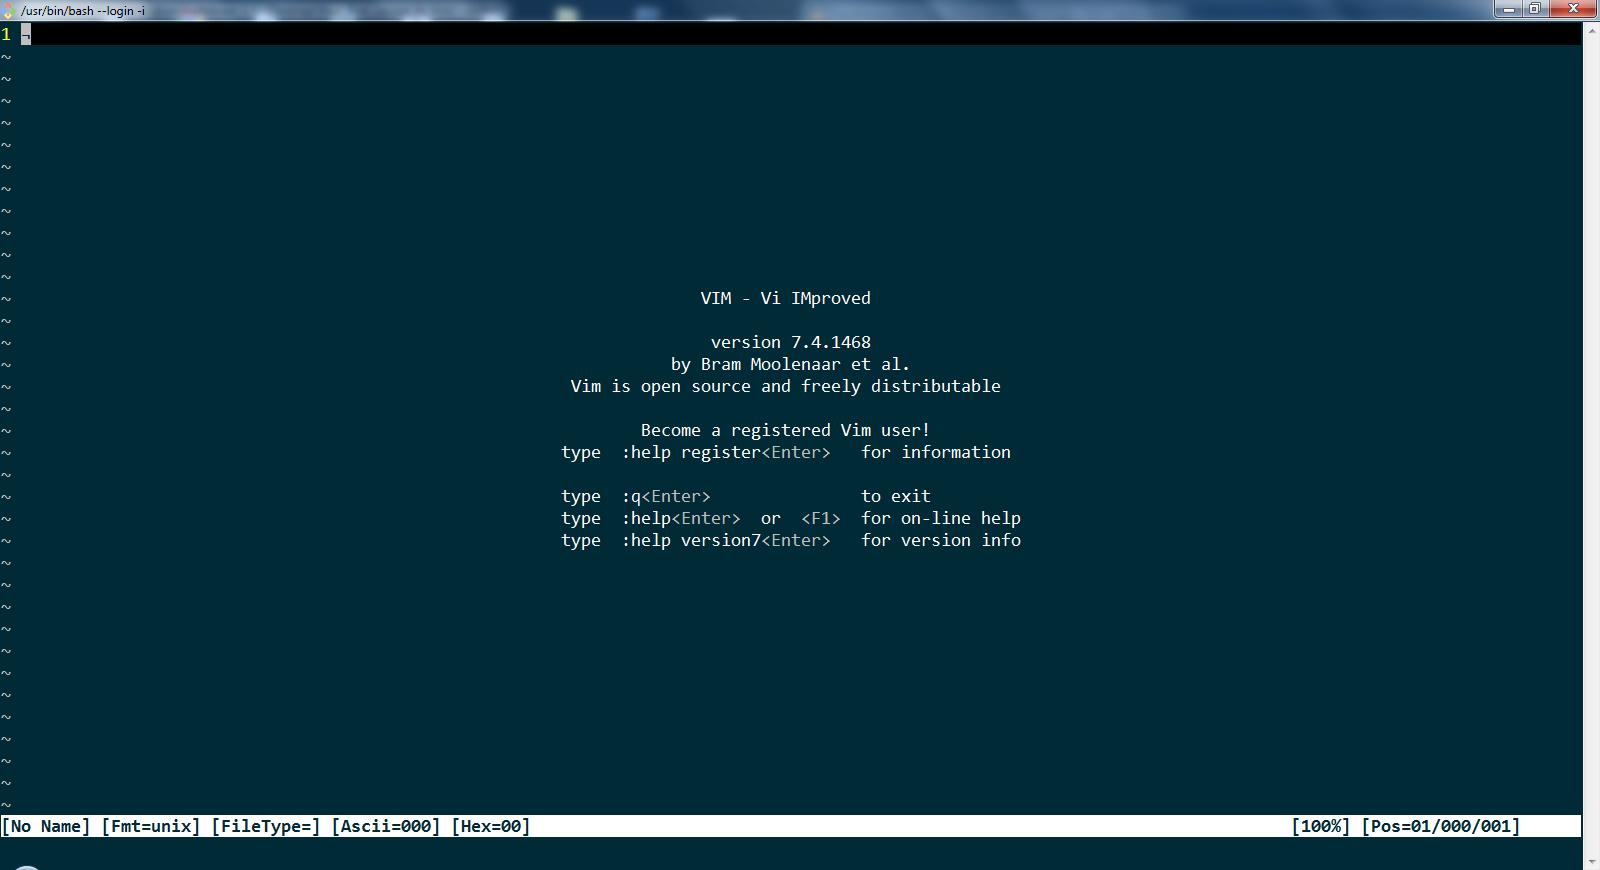 Vim start screen image here